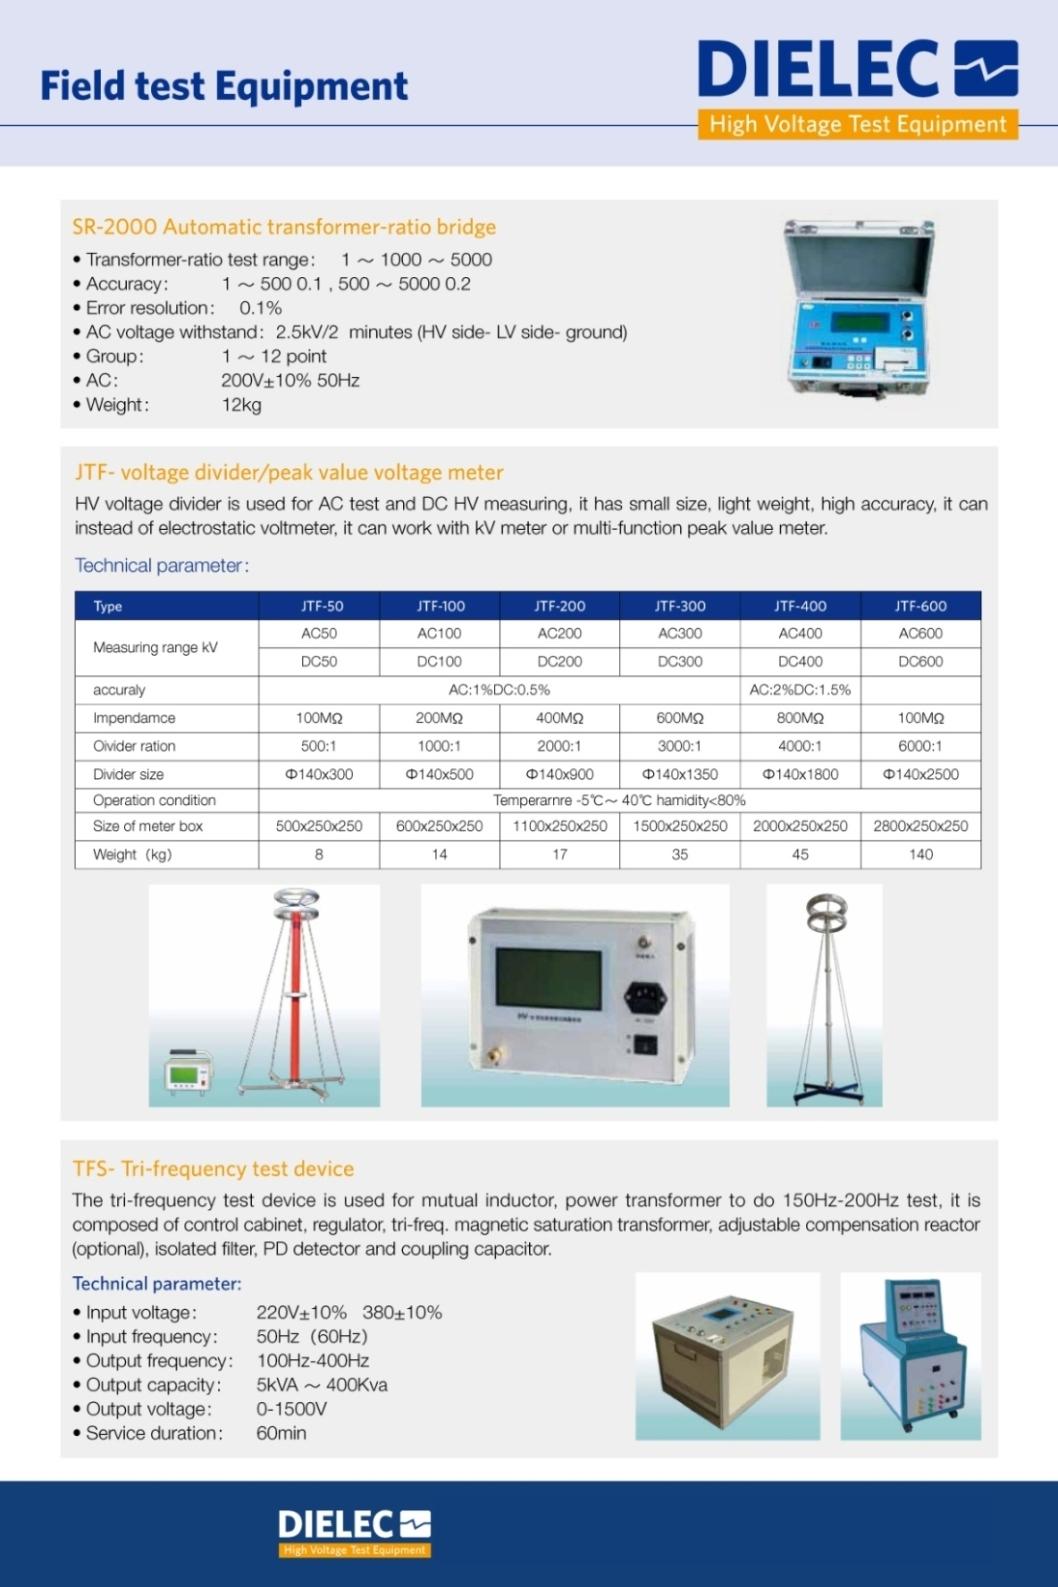 Dielec - Brochure - FTM 02